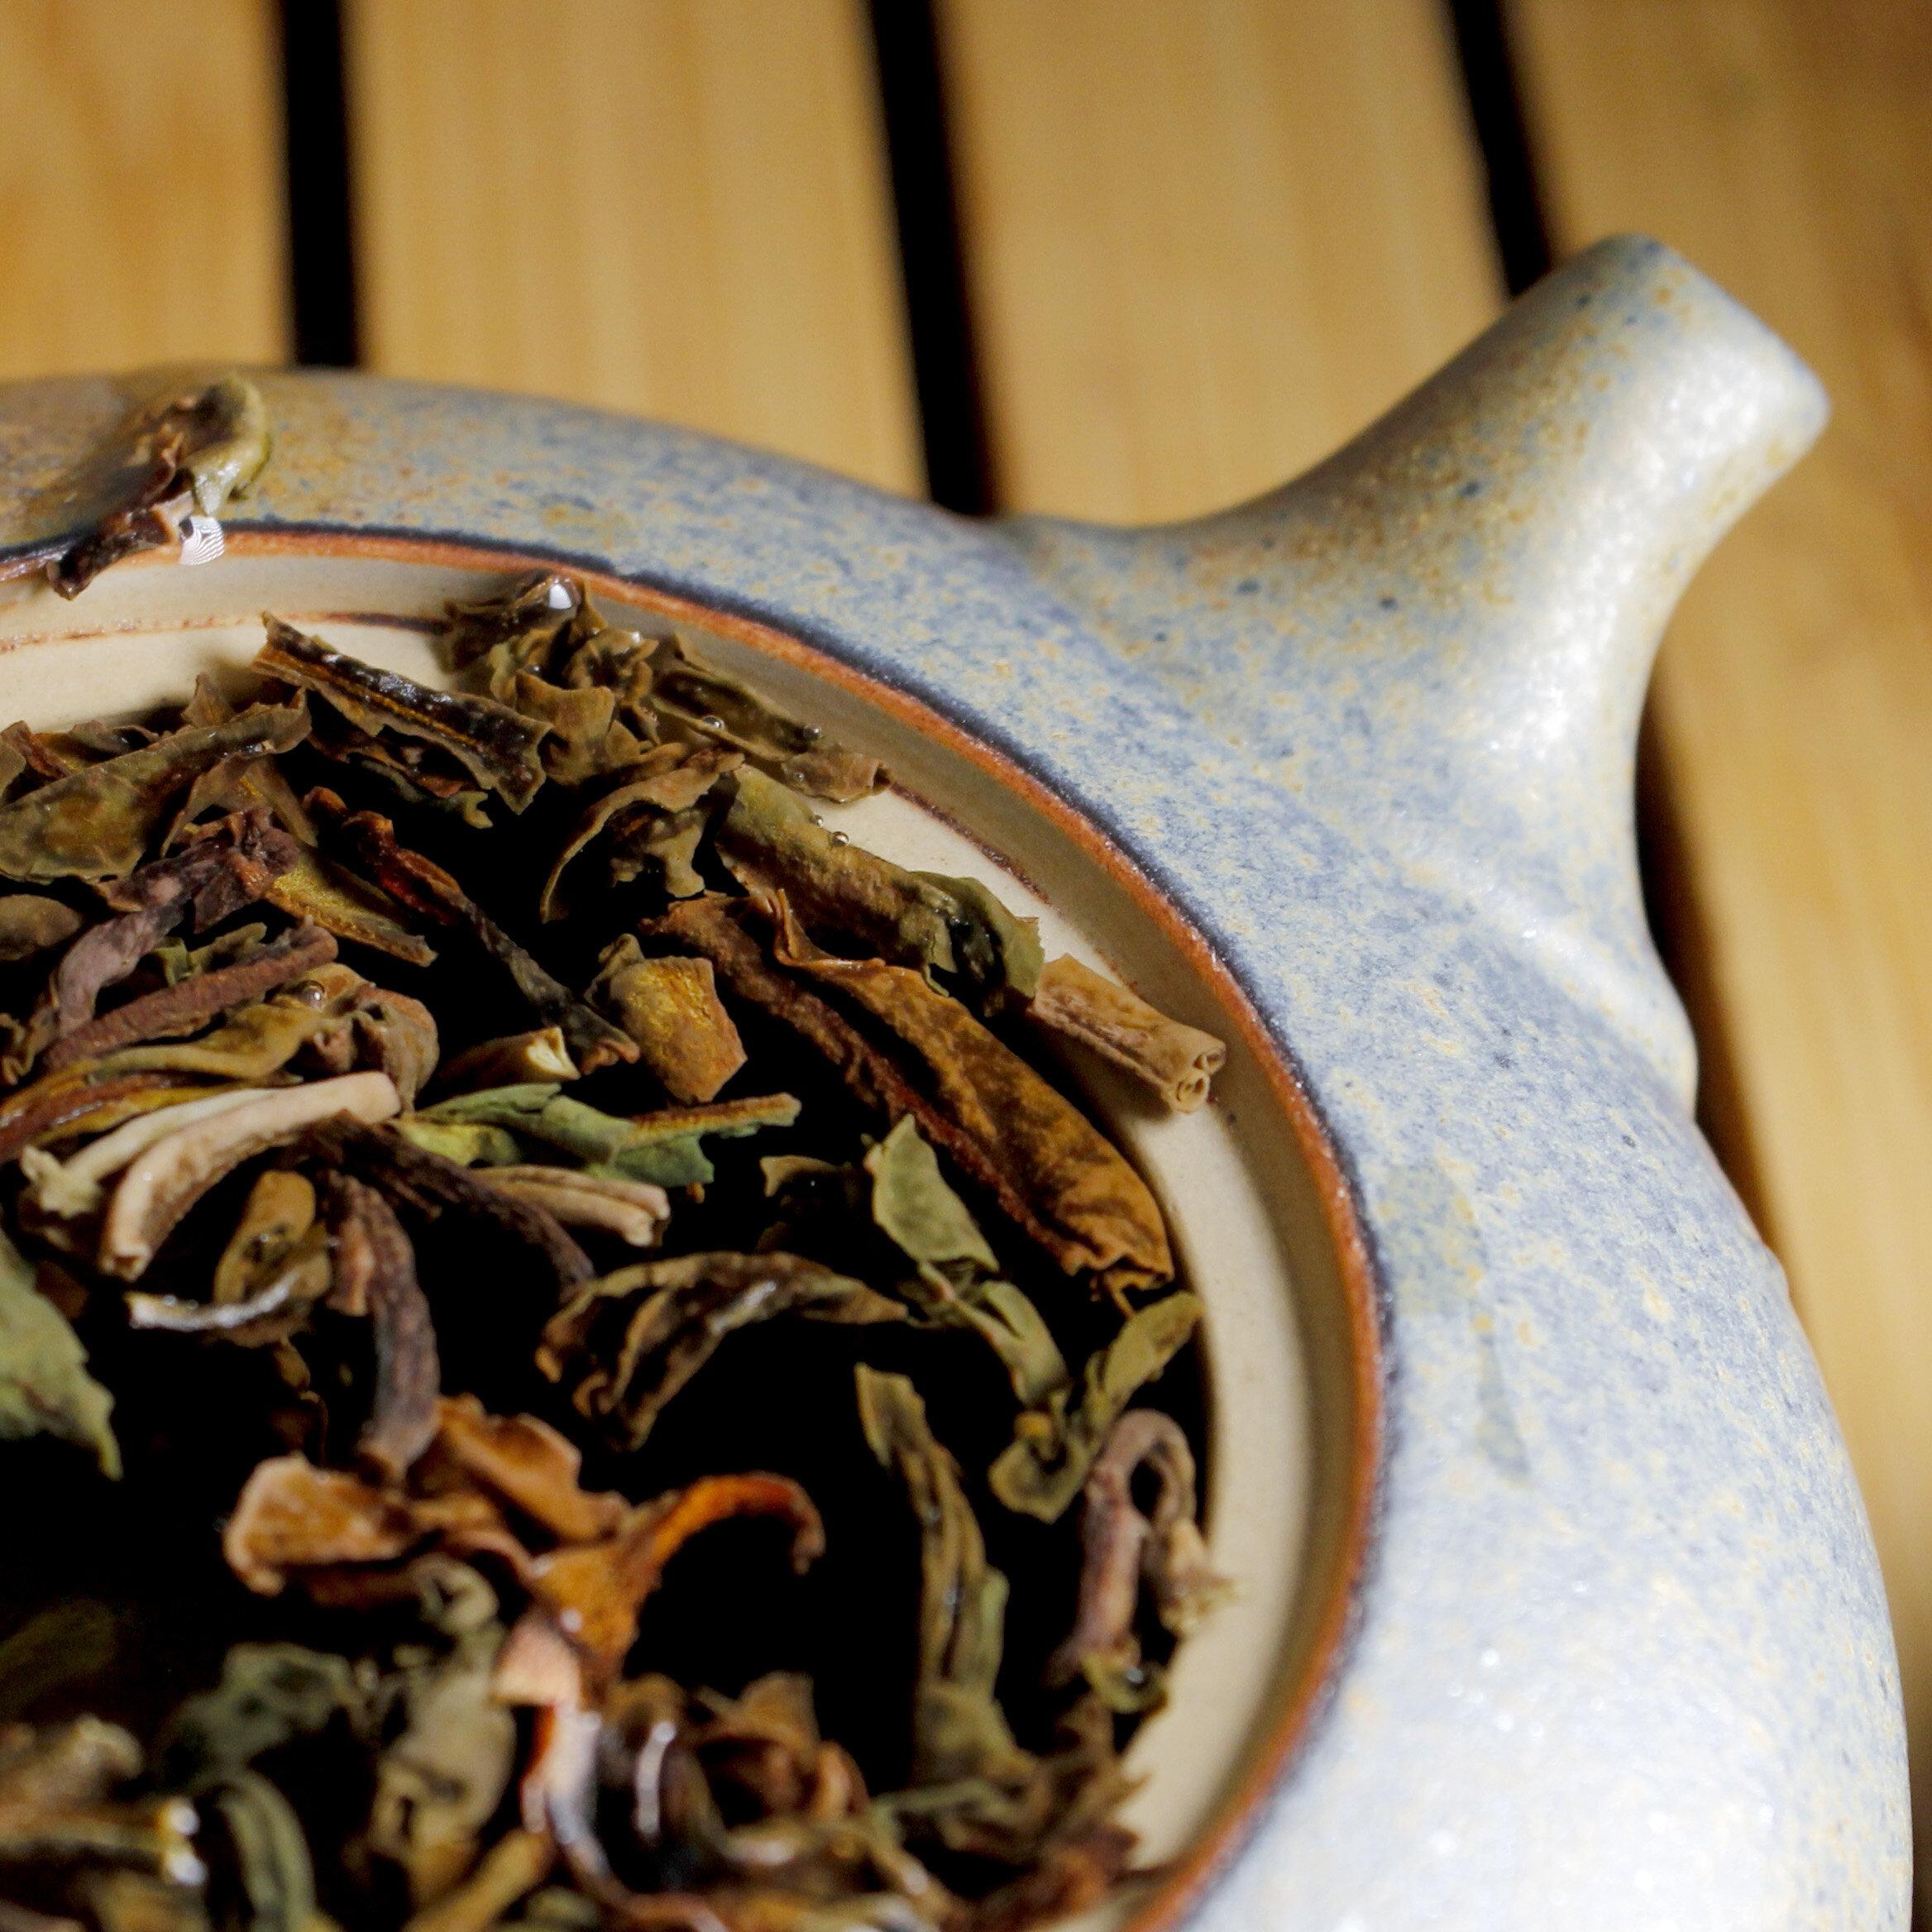 darjeeling-2nd-flush-margarets-hope-estate-india-black-whole-leaf-loose-mem-tea-itw1-2019a.jpg